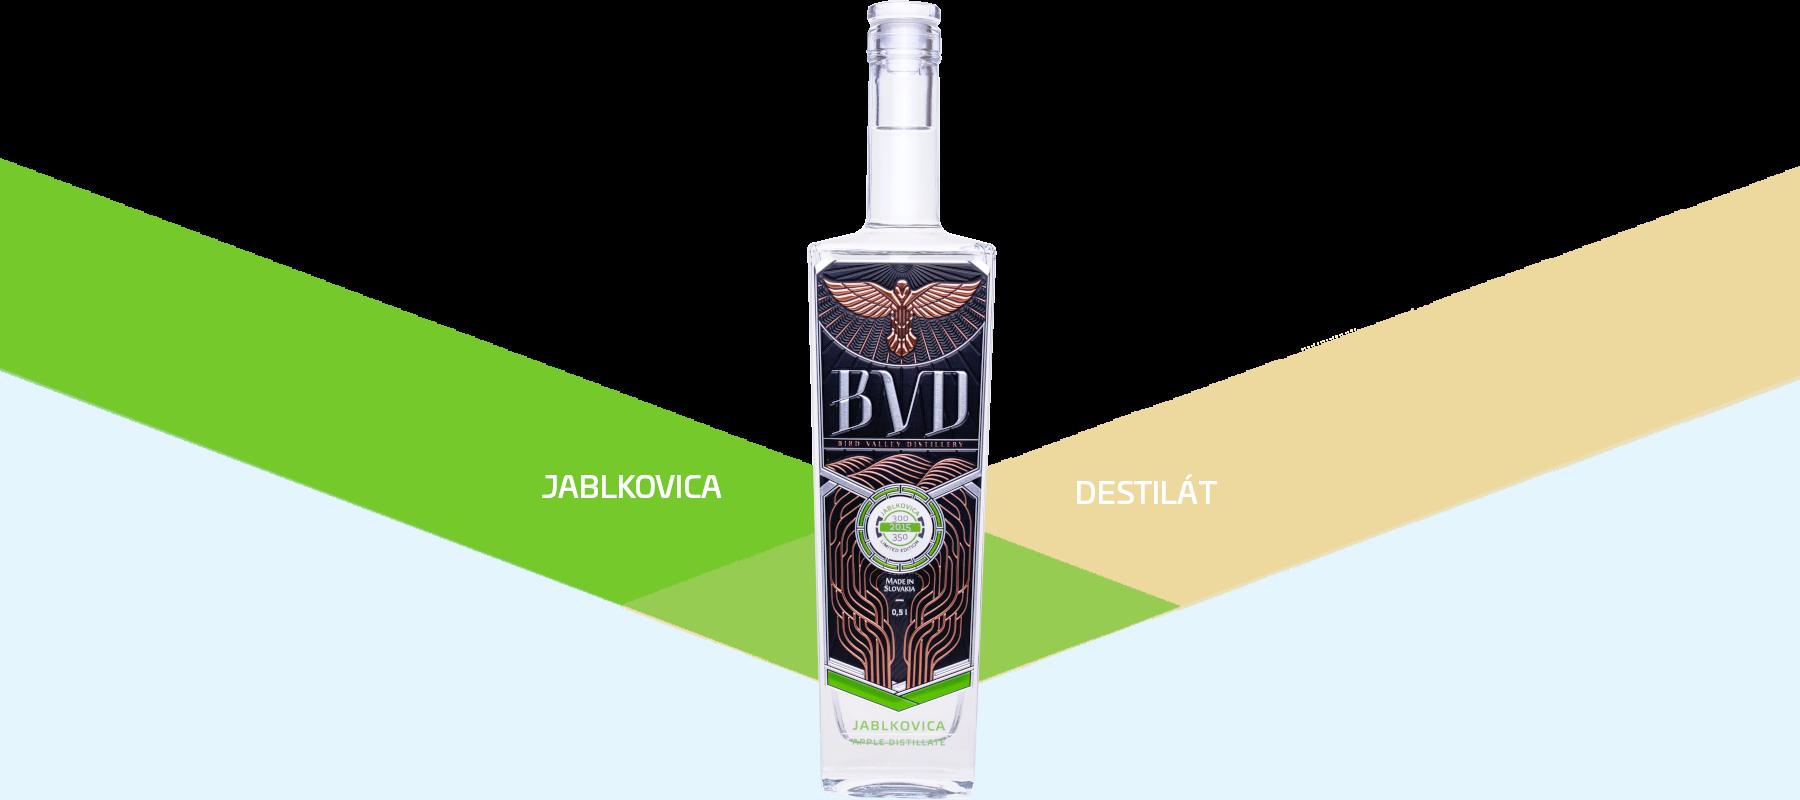 slovenska jablkovica bvd